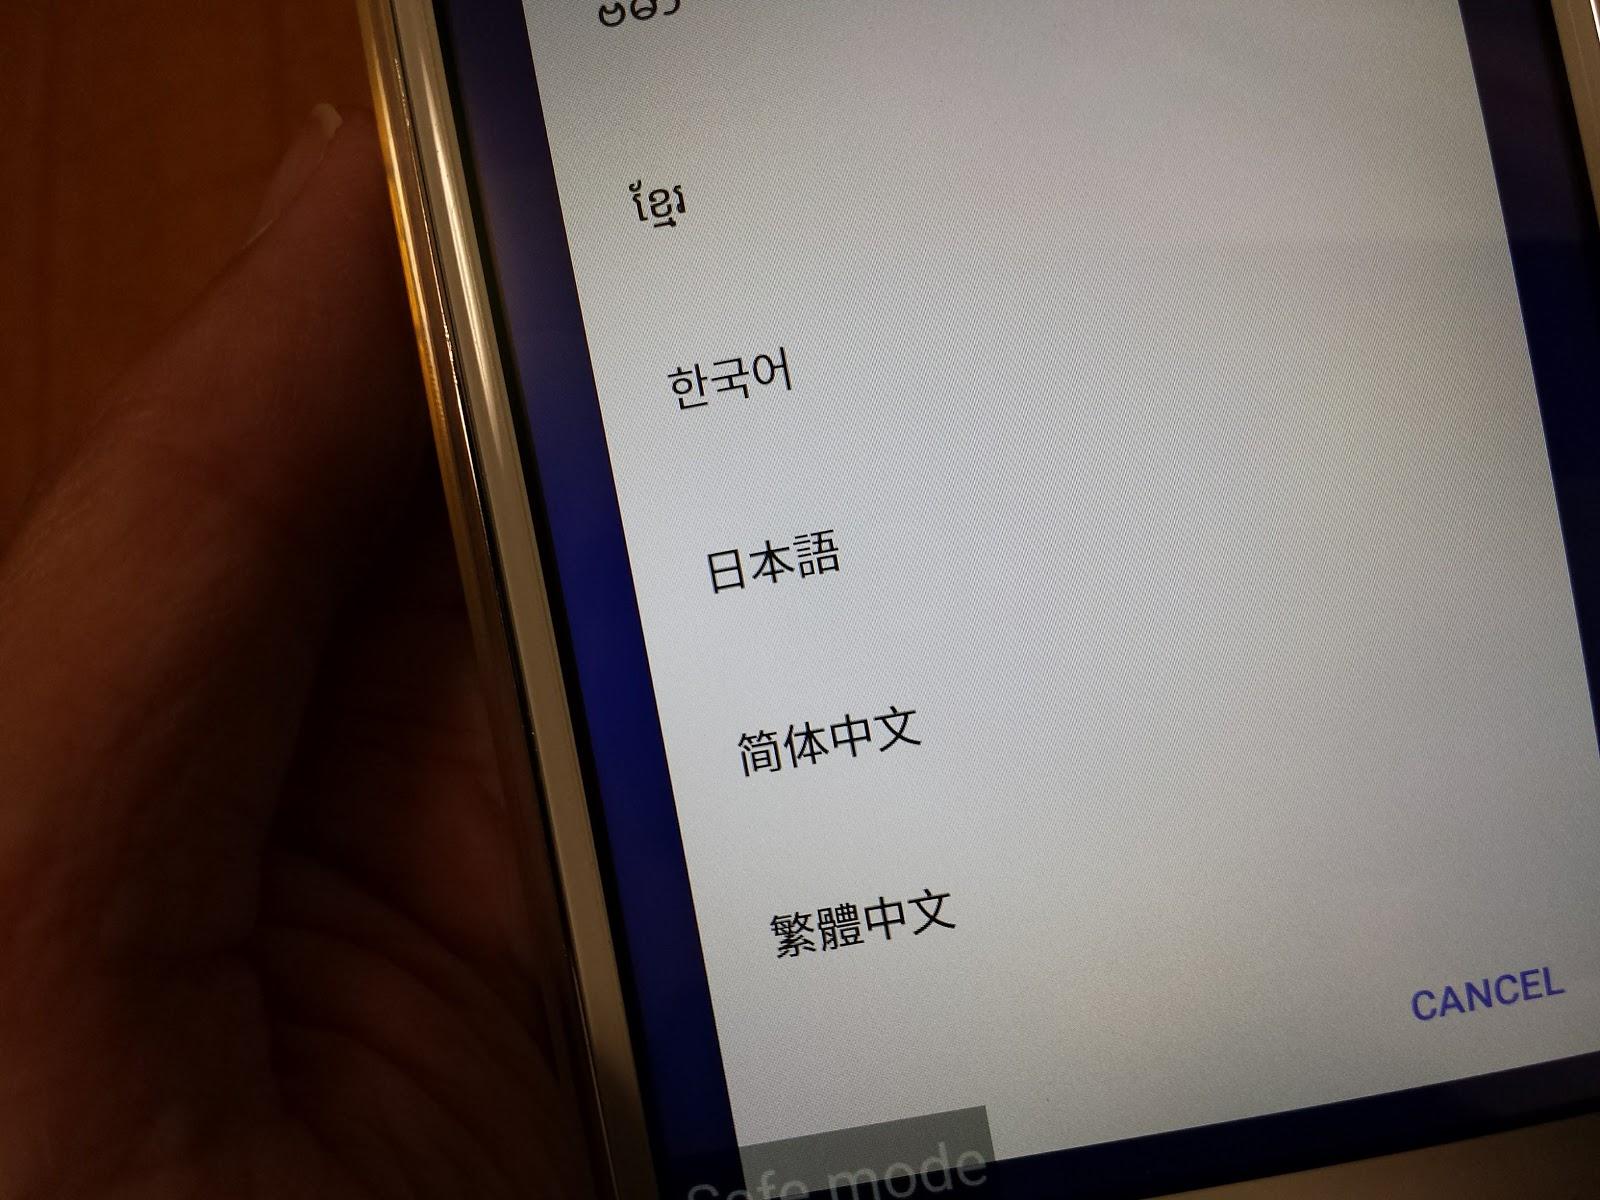 日本語でOK